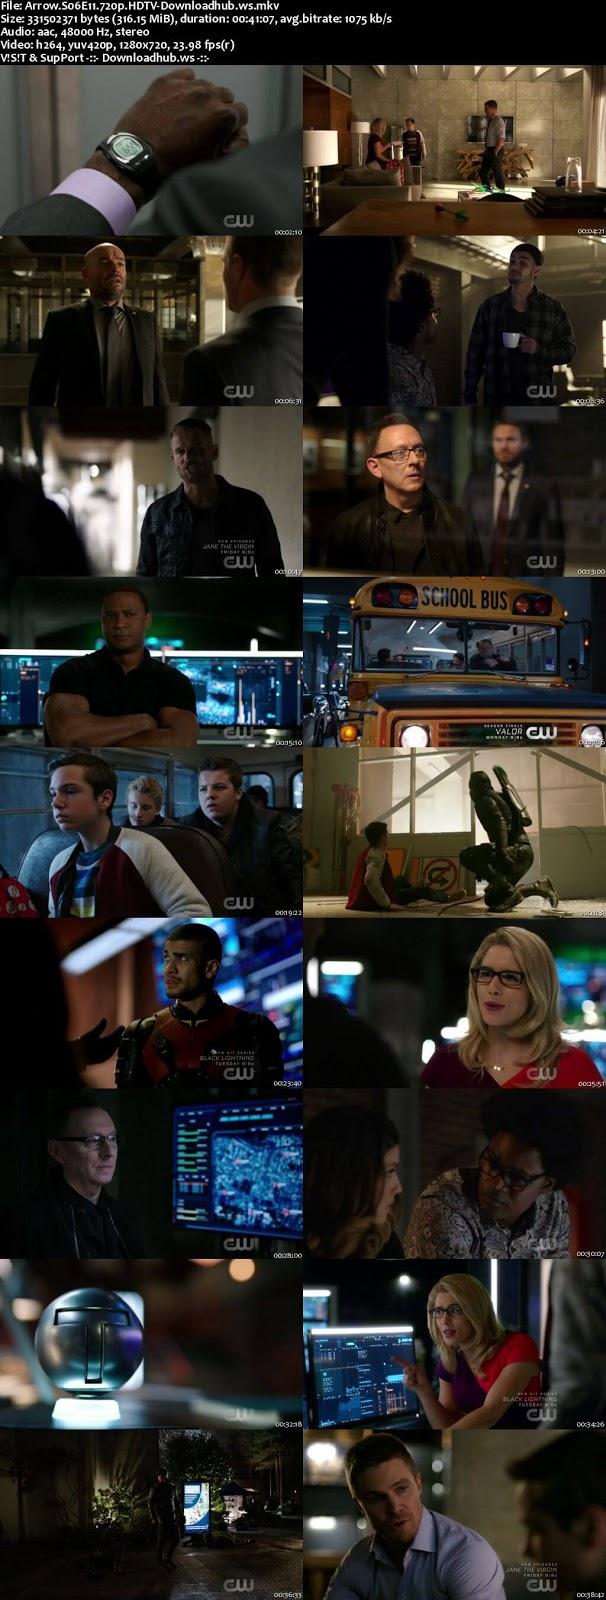 Arrow S06E11 315MB HDTV 720p x264